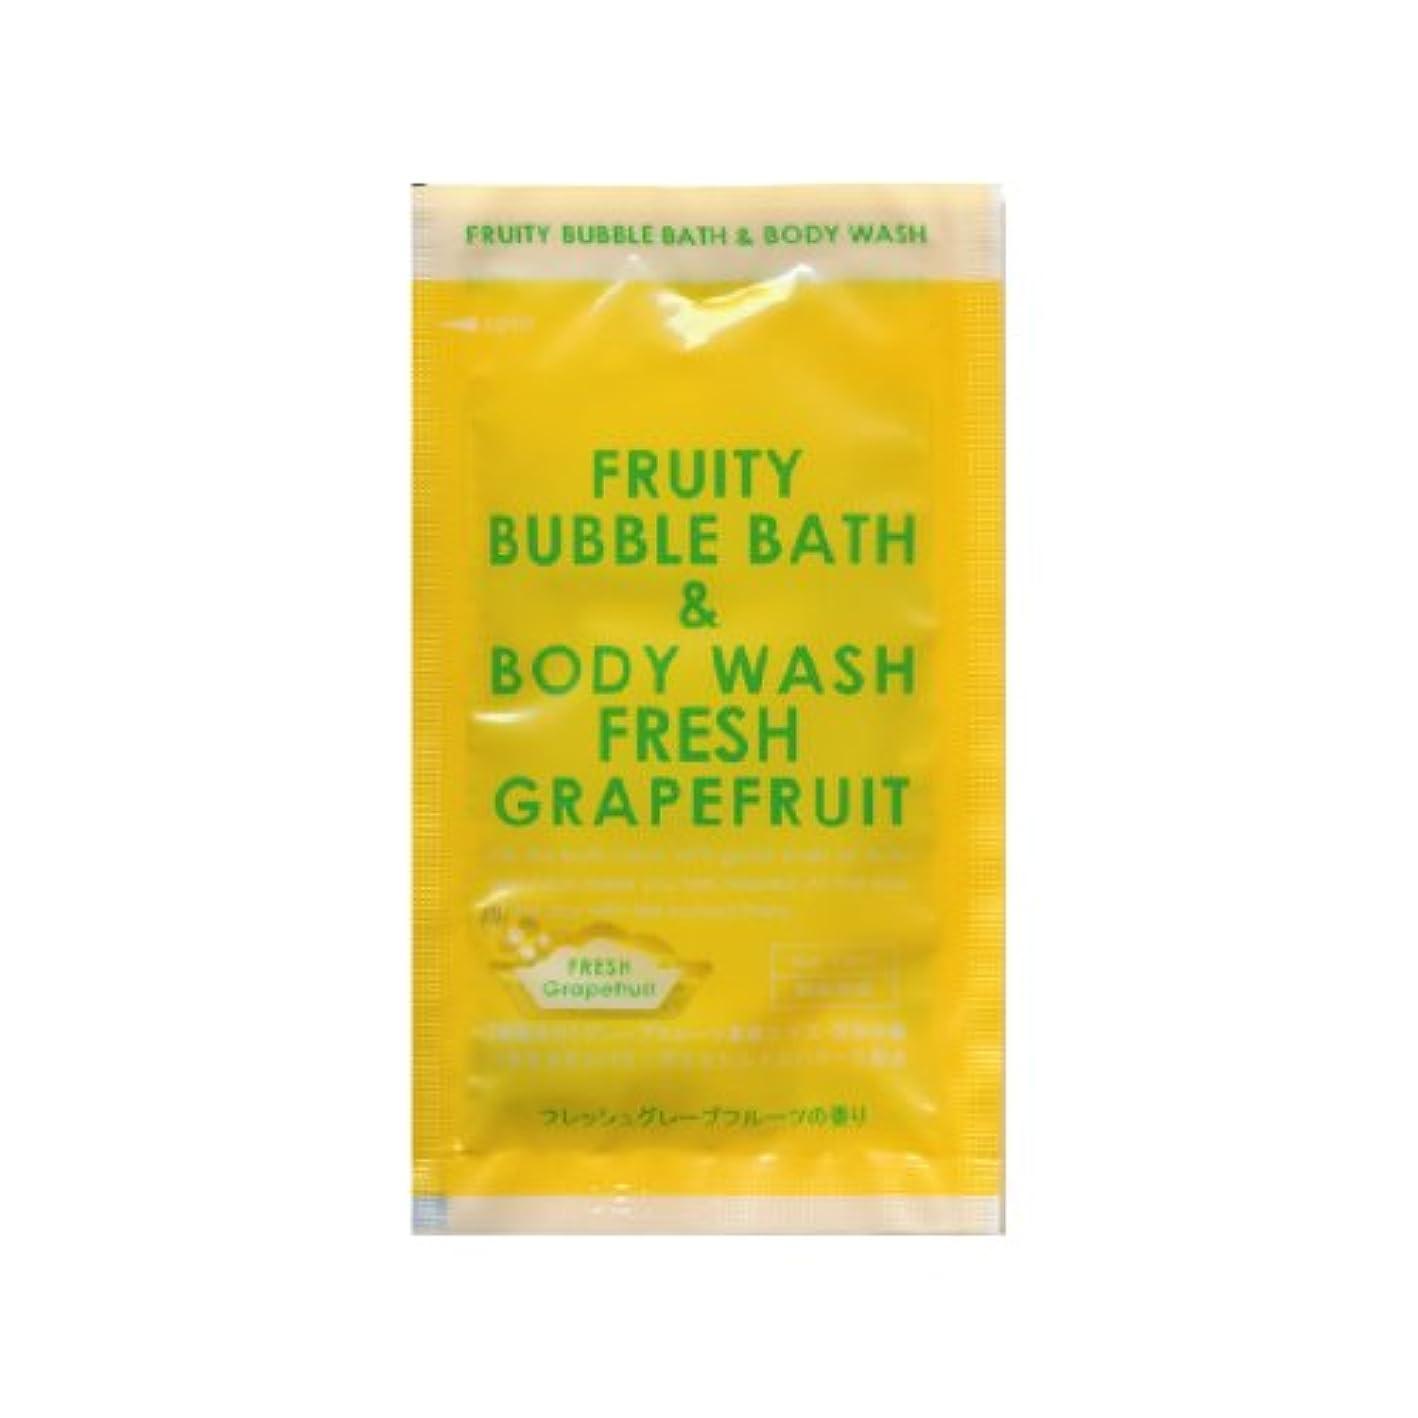 浴ガウン国旗フルーティーバブルバス&ボディウォッシュ フレッシュグレープフルーツ 1包